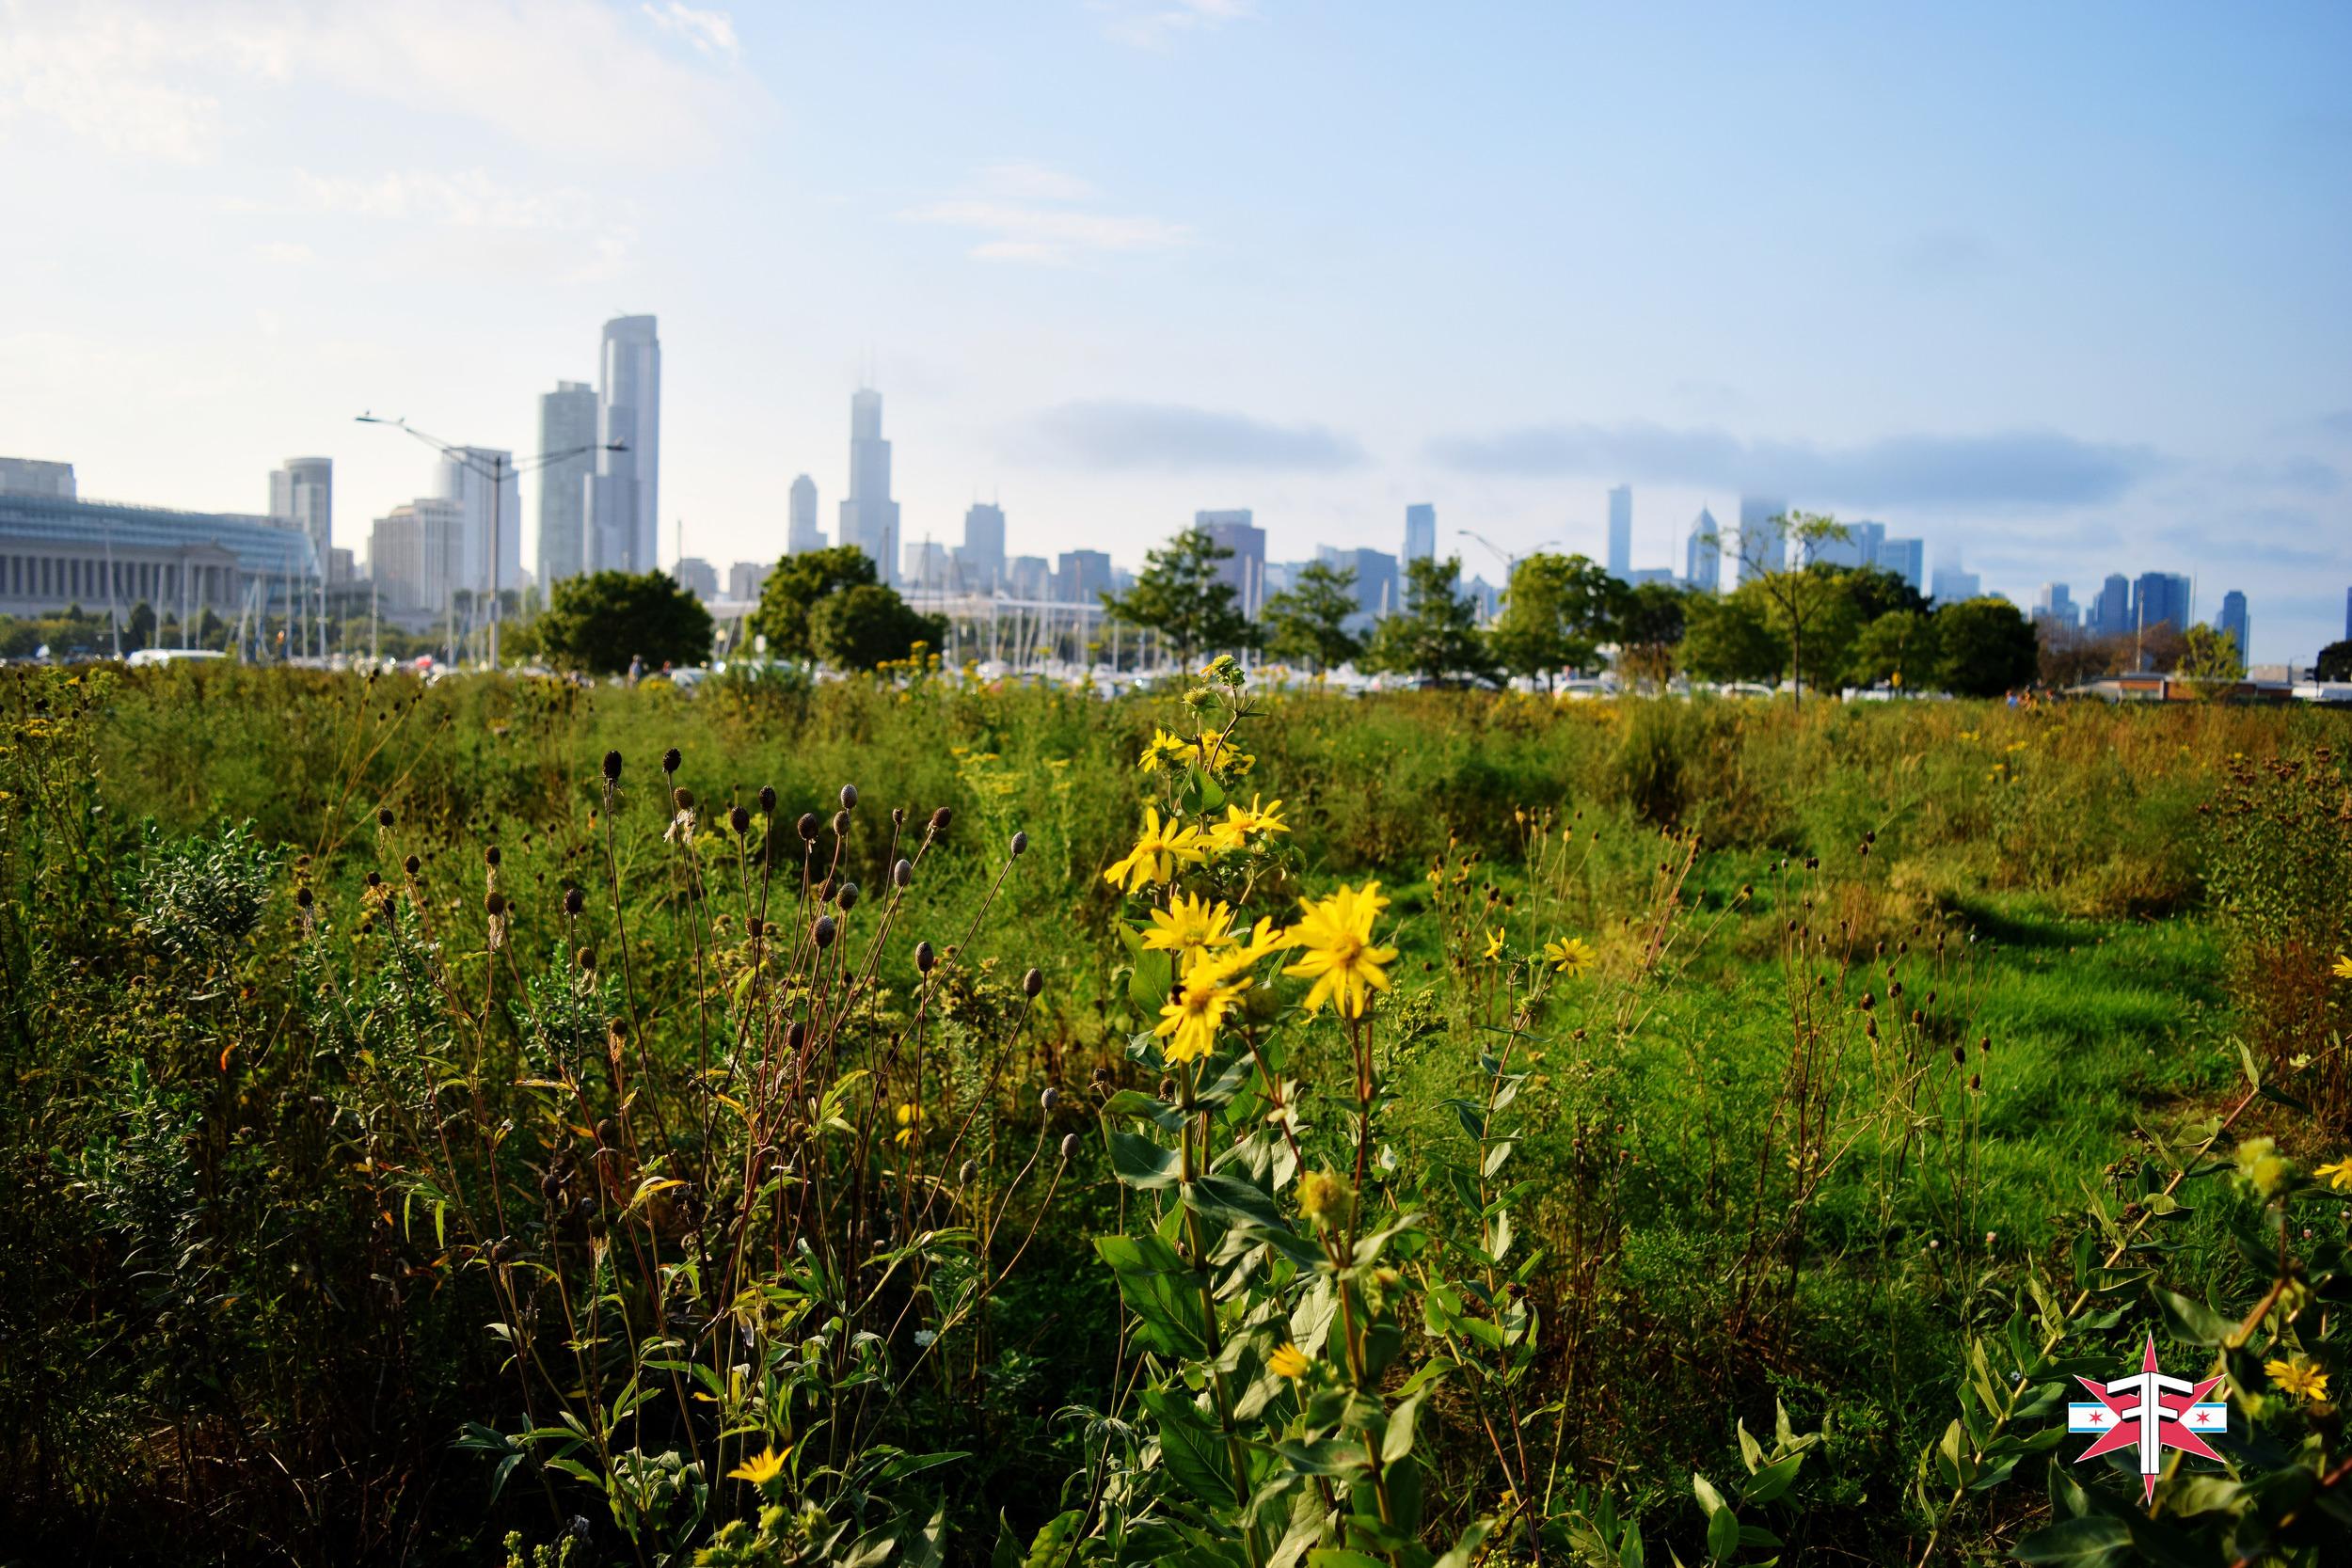 chicago art architecture eric formato photography design arquitectura architettura buildings skyscraper skyscrapers-330.jpg